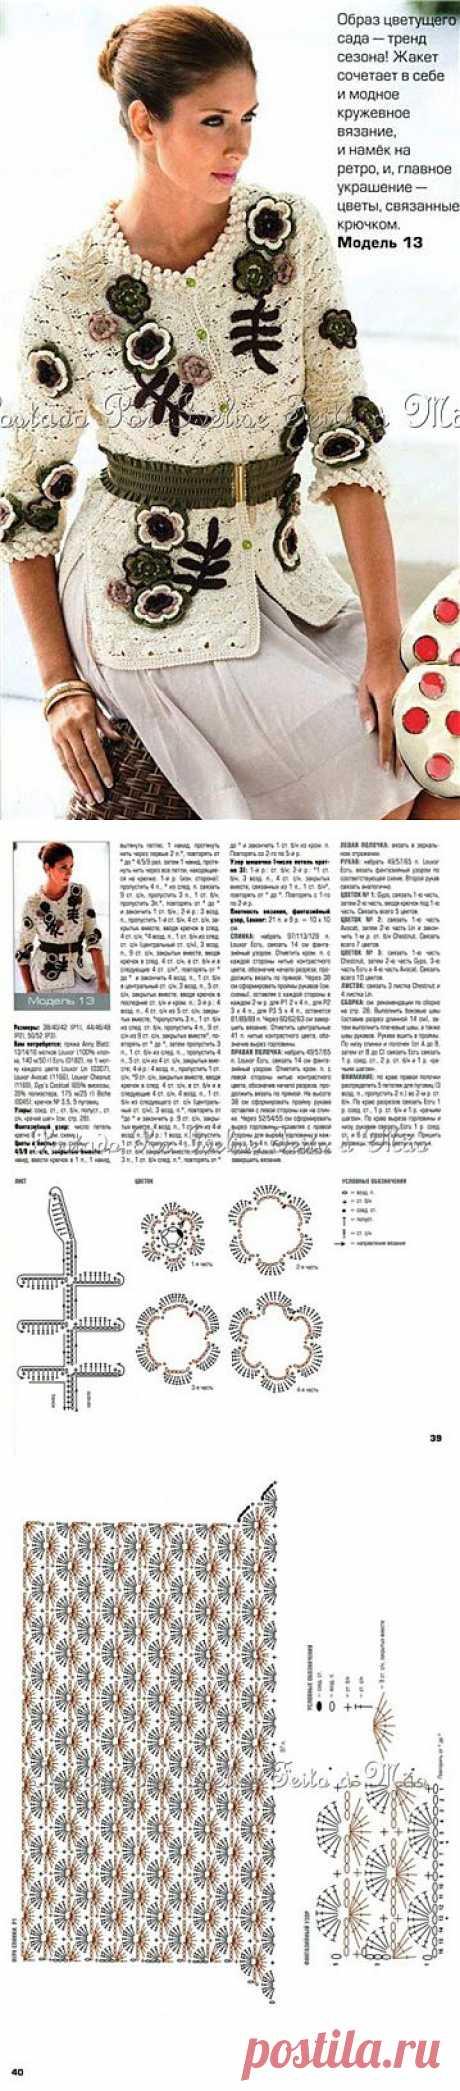 Ivelise Feito à Mão: Cardigan Em Crochê Com Aplicações.....